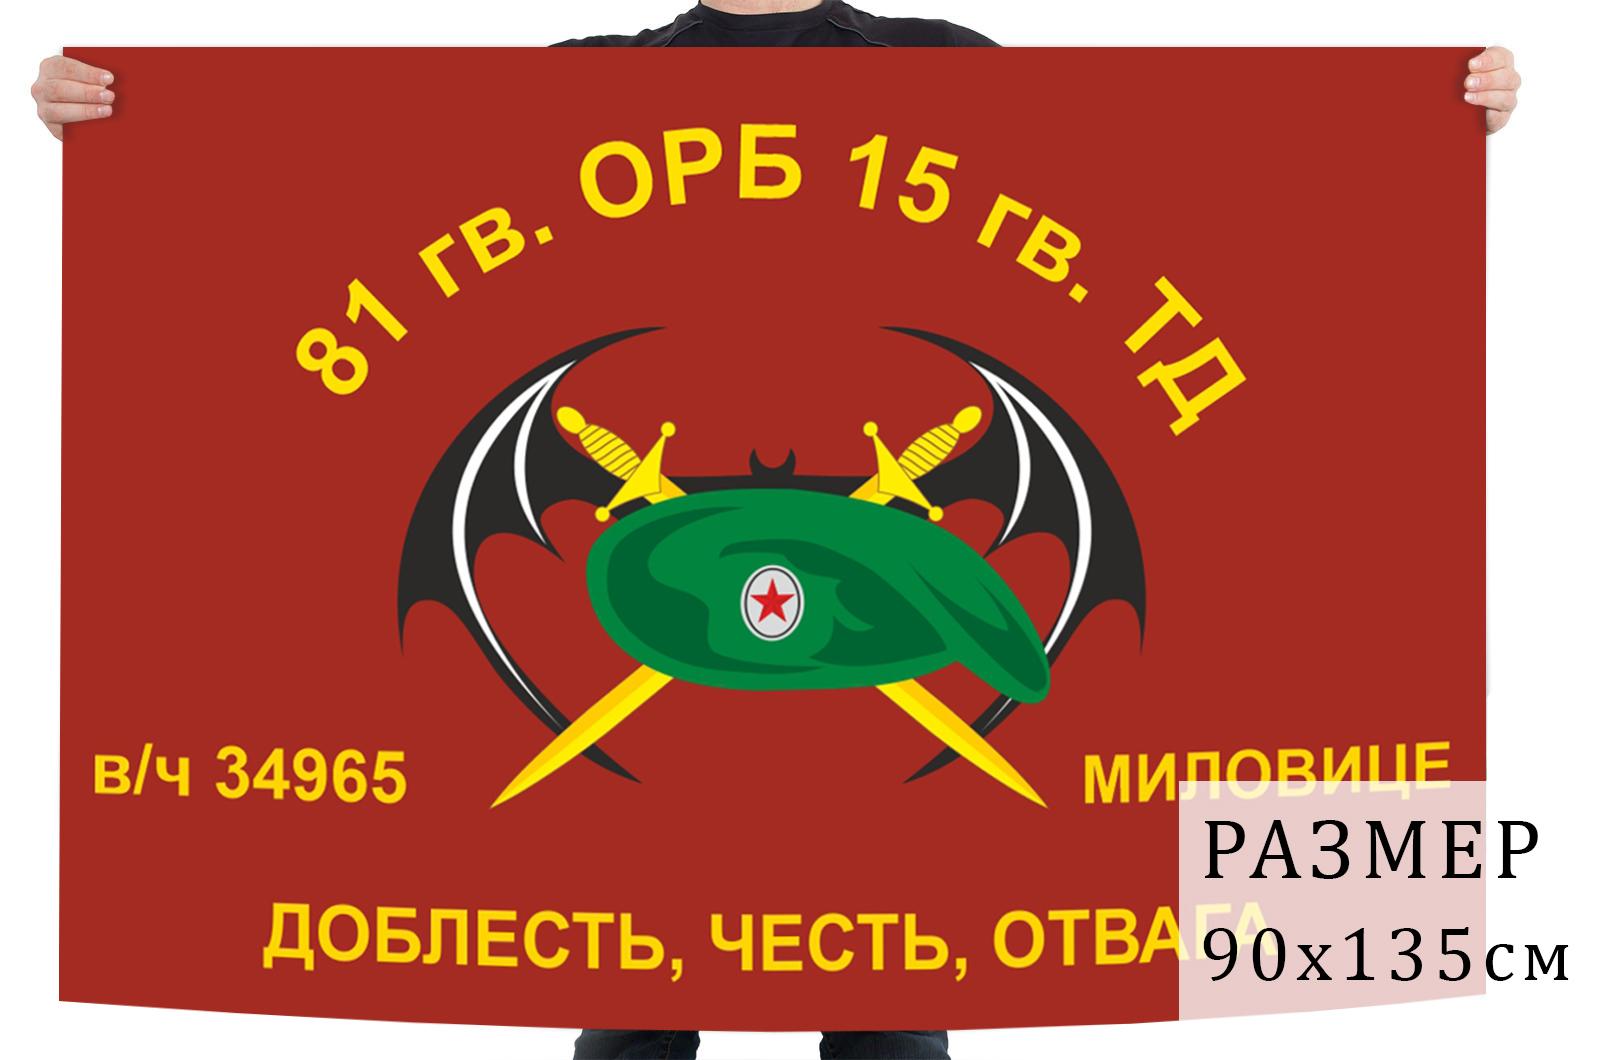 Флаг 81 отдельного разведовательного батальона 15 гвардейской ТД